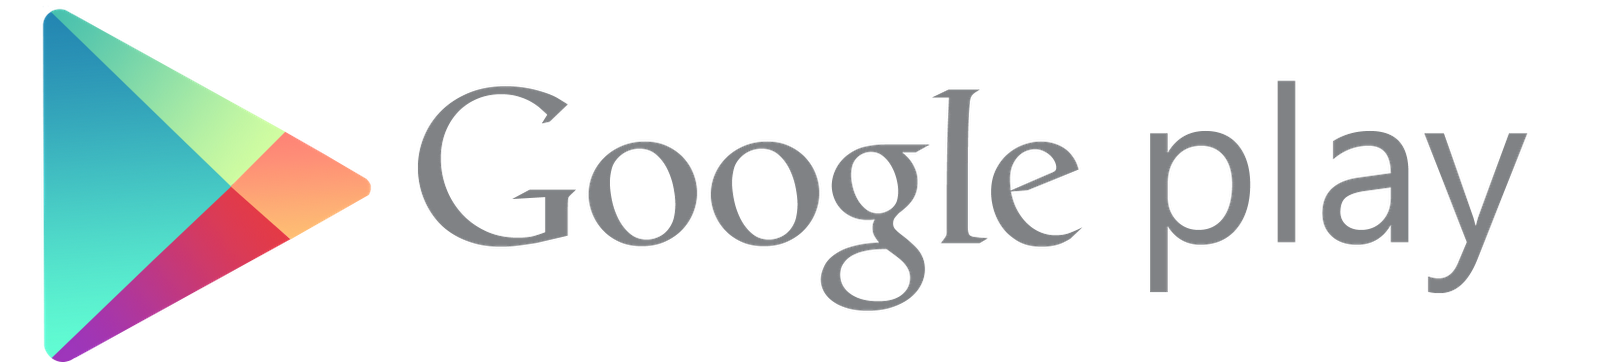 Google play консоль под - 1e16b